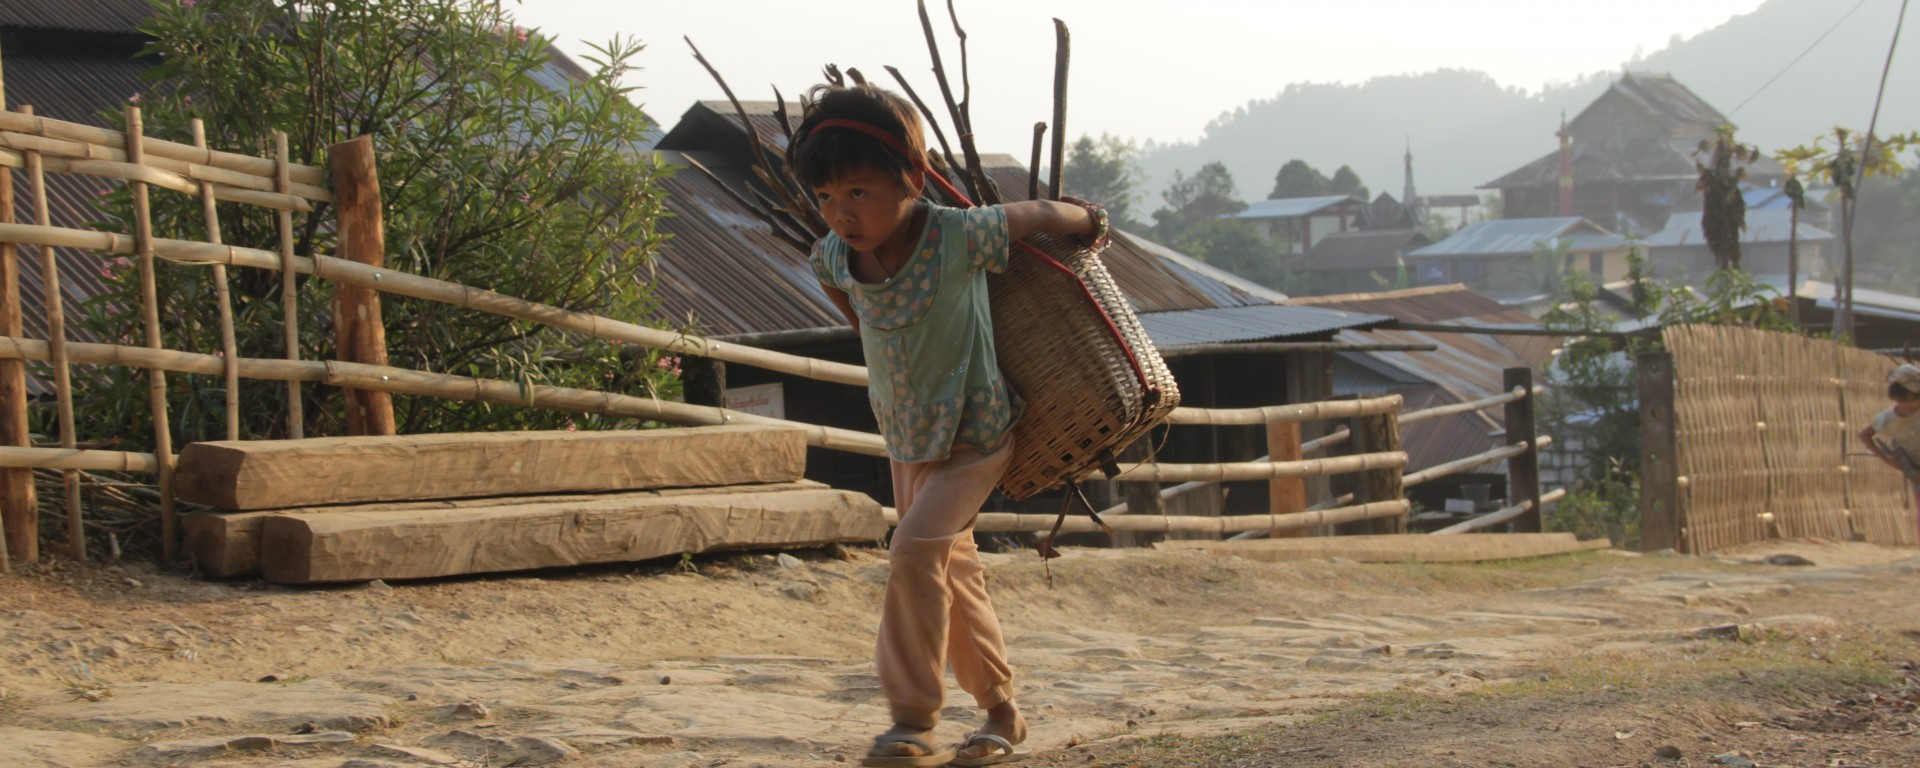 Les enfants travaillent souvent aux côtés de leurs parents (© Jérôme Decoster).